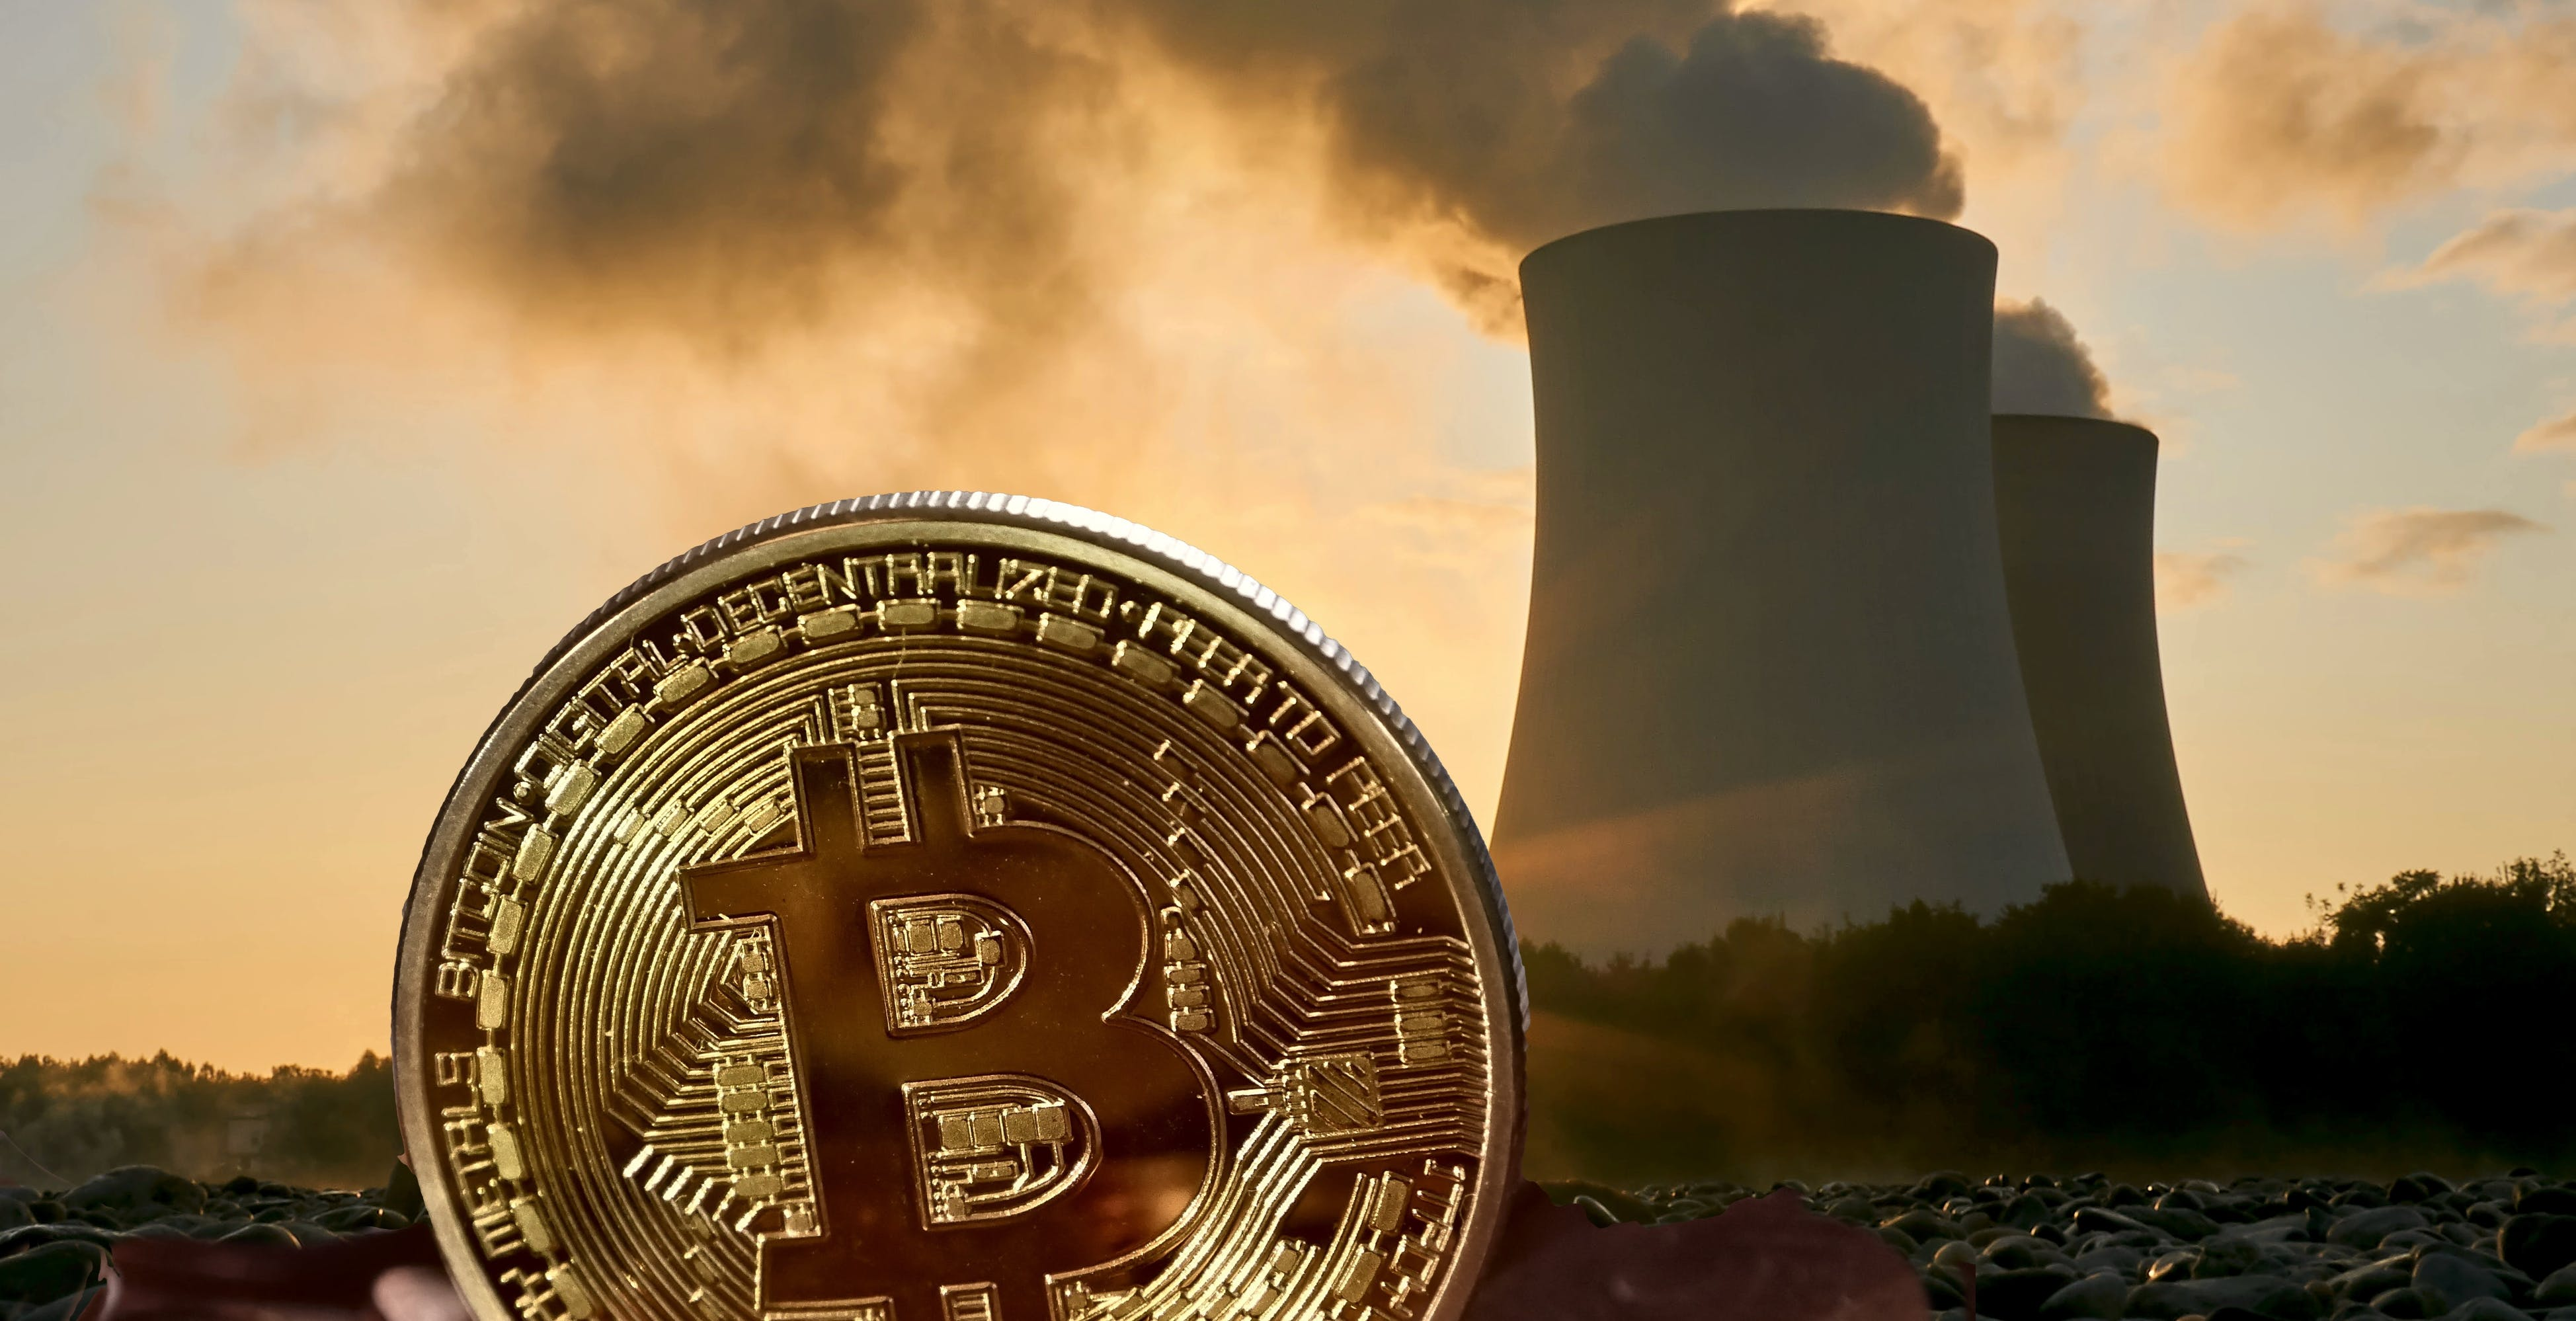 La rete Bitcoin ora consuma due volte più della Grecia e più di paesi come Austria, Portogallo e Svizzera